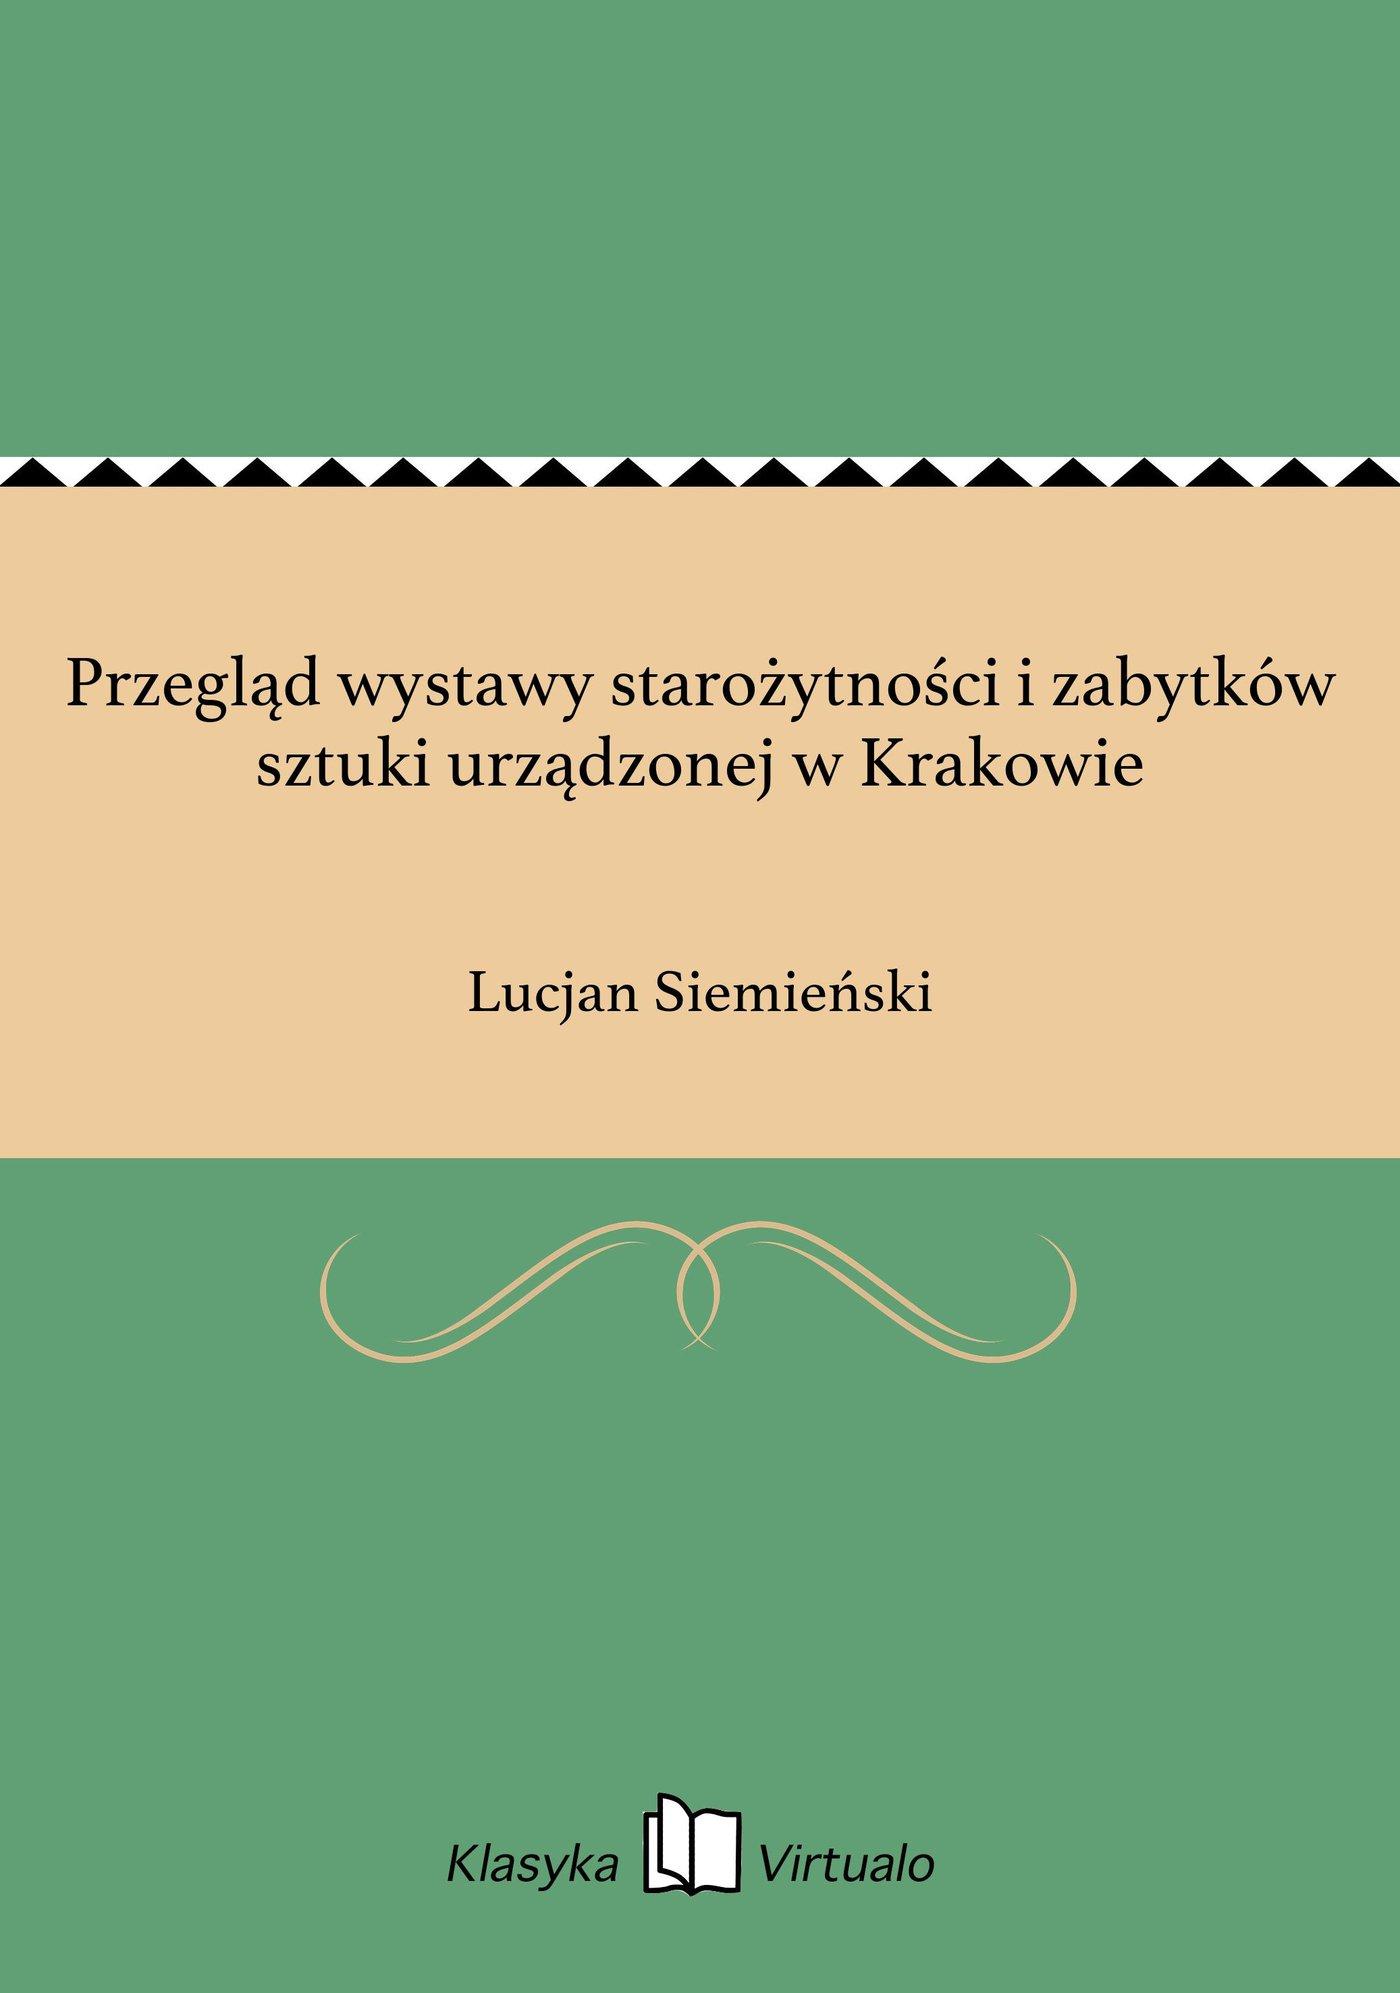 Przegląd wystawy starożytności i zabytków sztuki urządzonej w Krakowie - Ebook (Książka EPUB) do pobrania w formacie EPUB